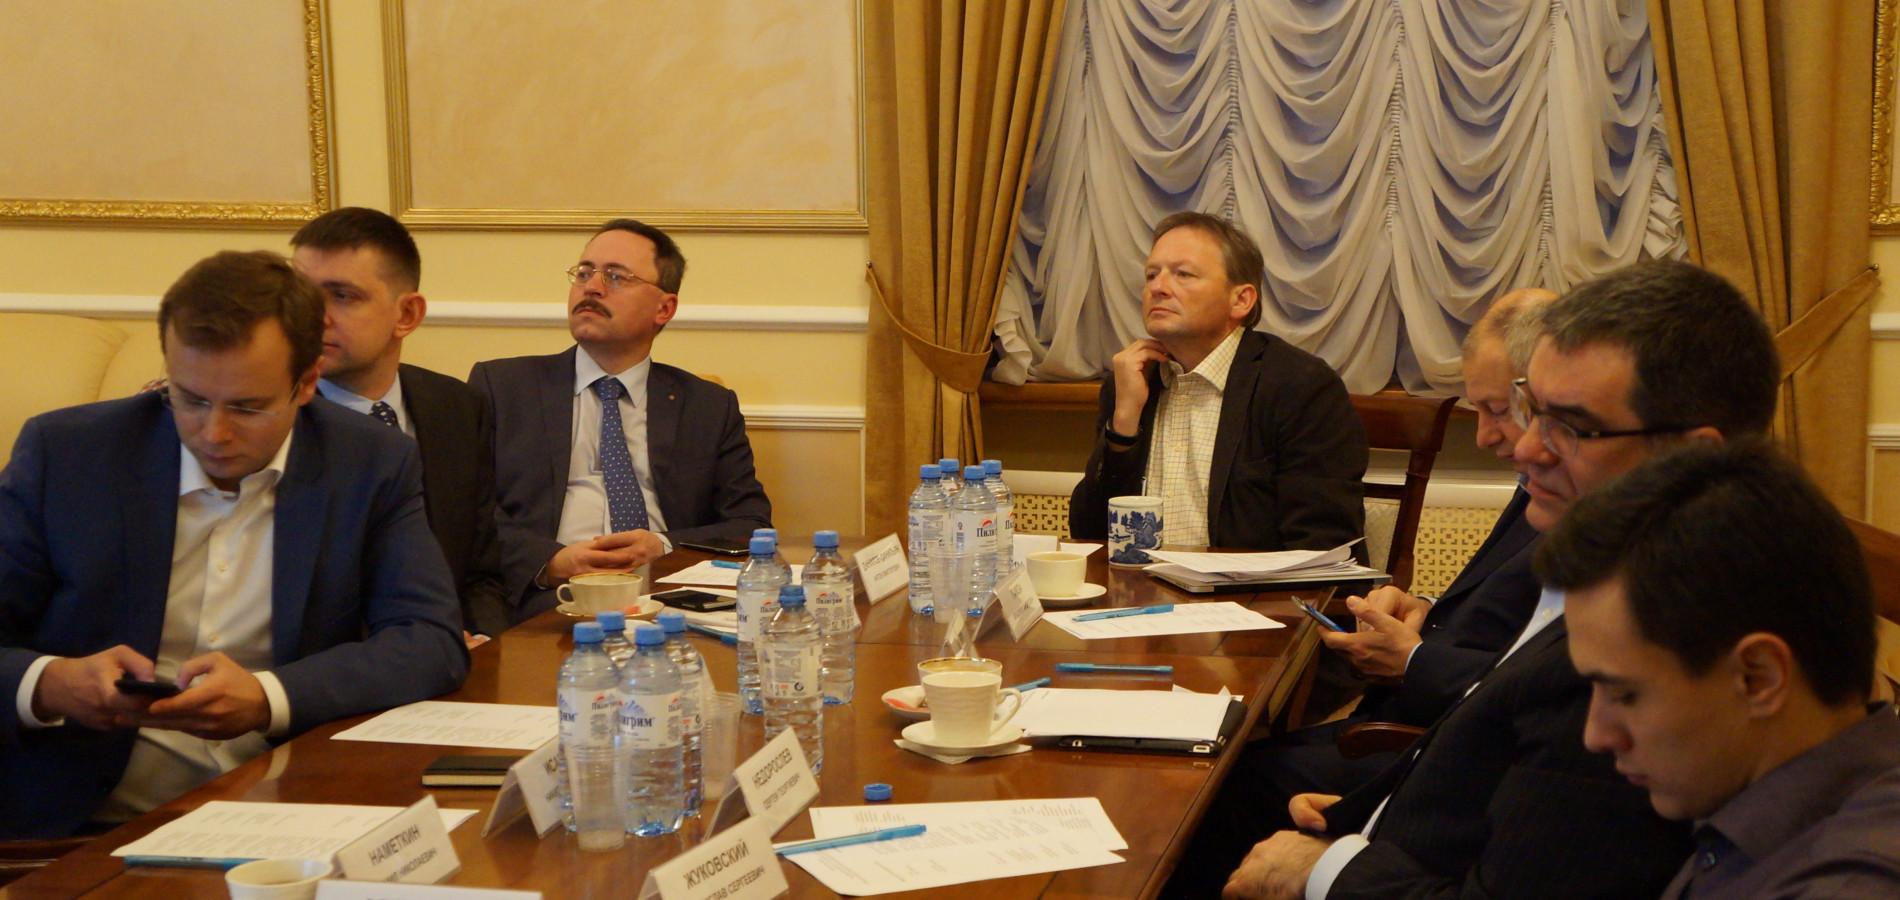 Столыпинский клуб обсудил прогнозы развития экономики России